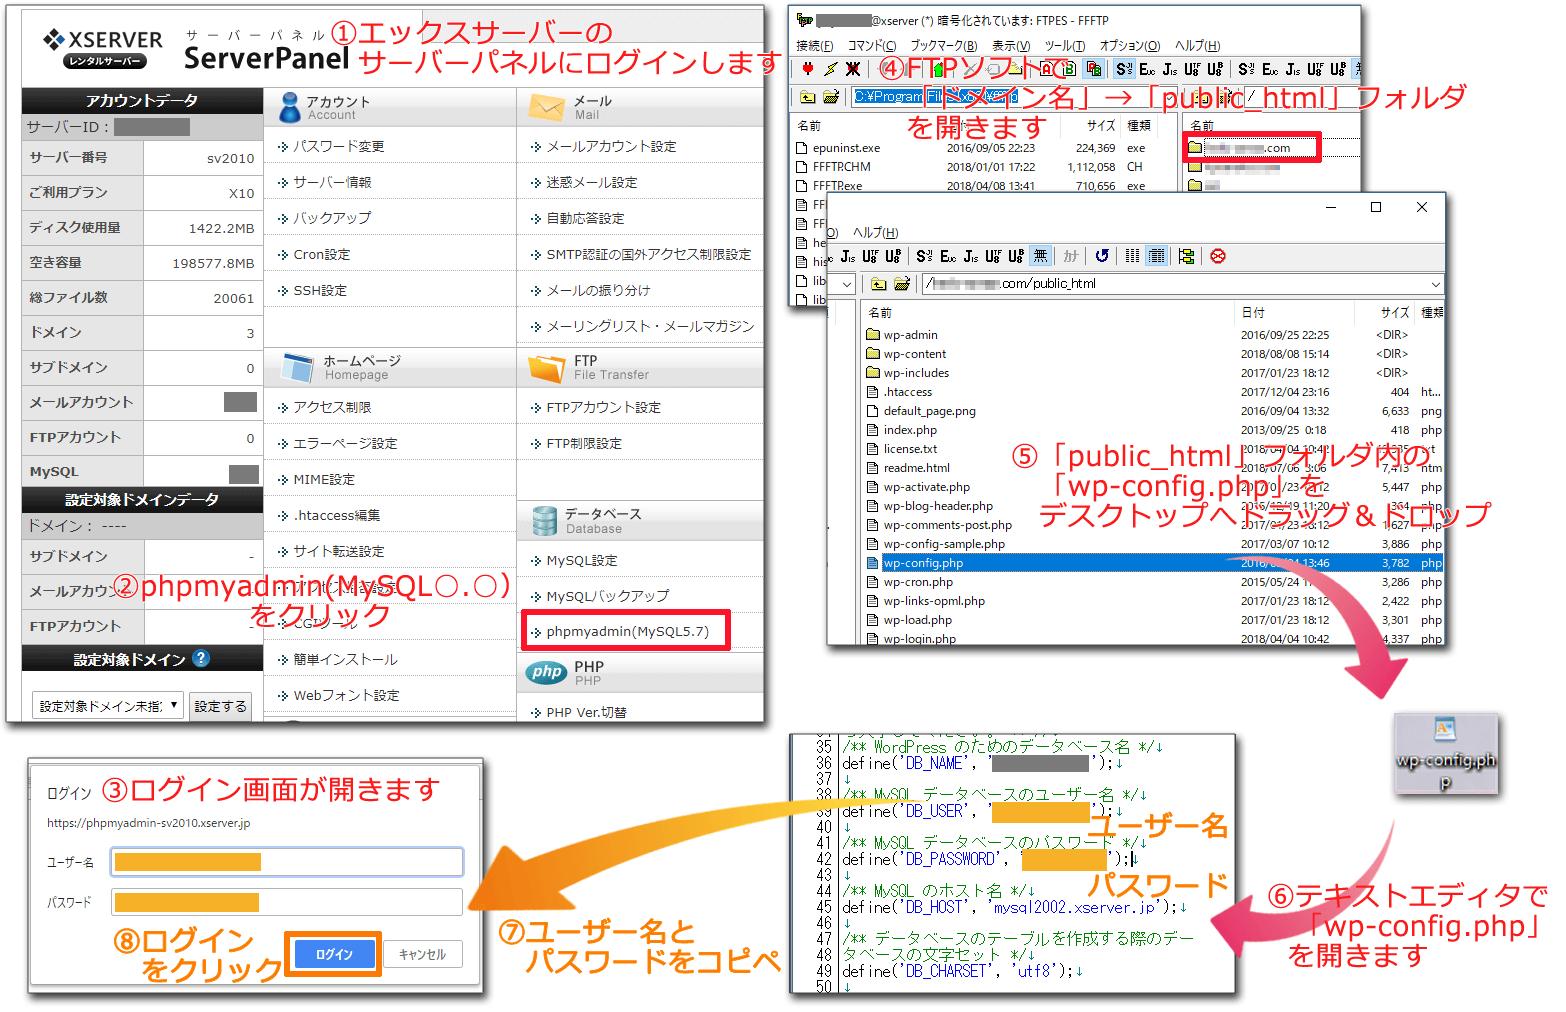 エックスサーバーからデータベースを取り出すためのページへログインする手順①から⑧を図解